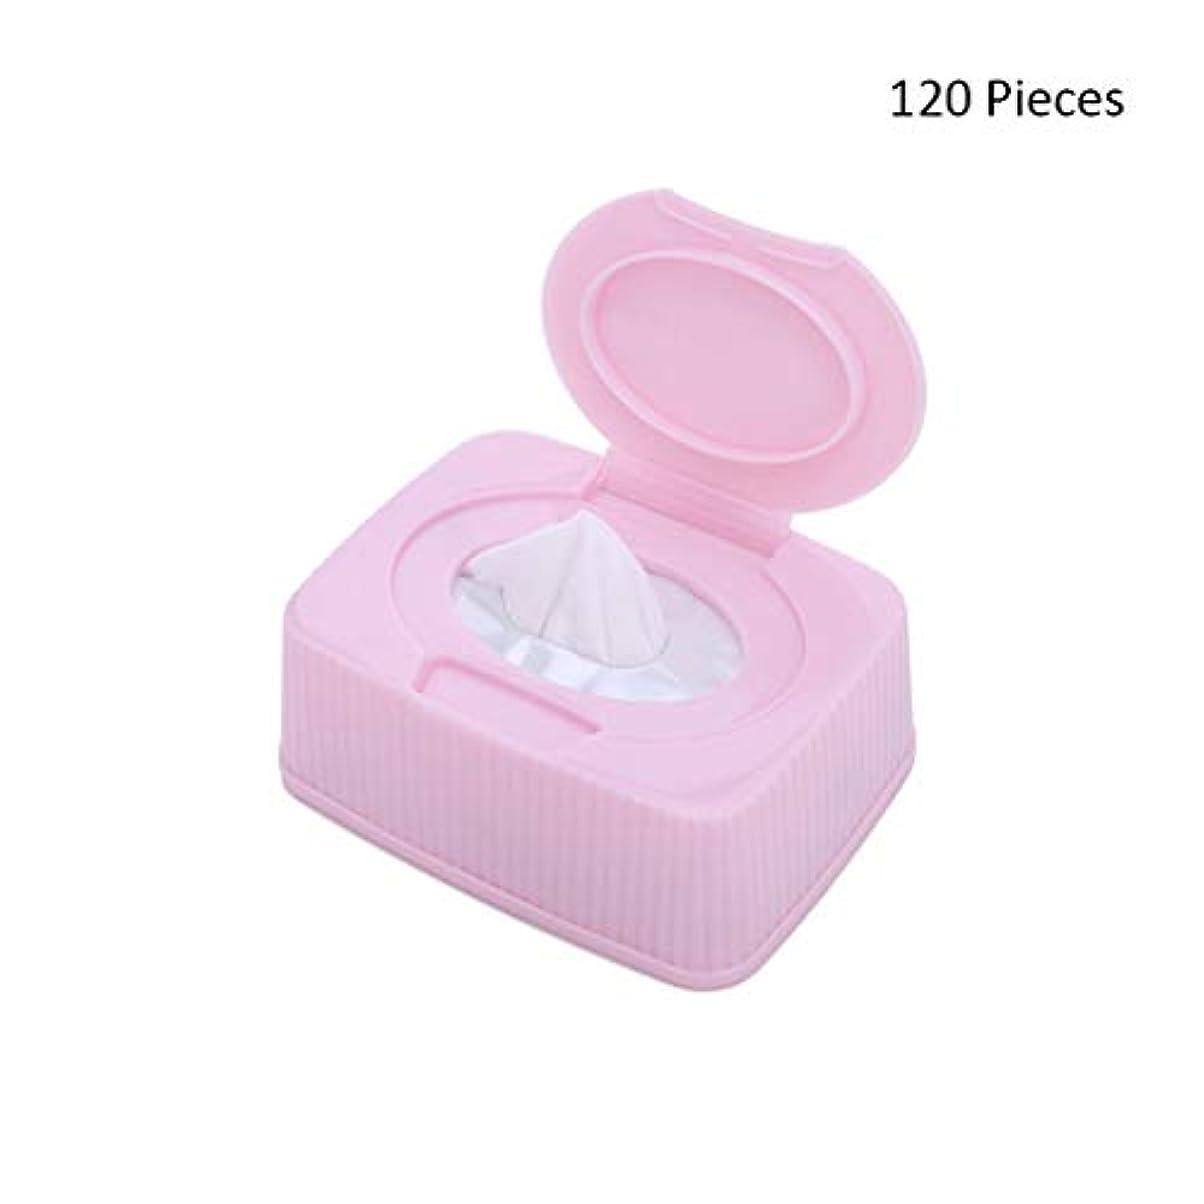 絶望的なオートハチ120ピース/ボックスフェイスメイク落としフェイシャル化粧品リムーバーパッドメイクアップコットンクリーナースキンケアワイプフェイスウォッシュコットンパッド (Color : Pink, サイズ : 120 pieces)